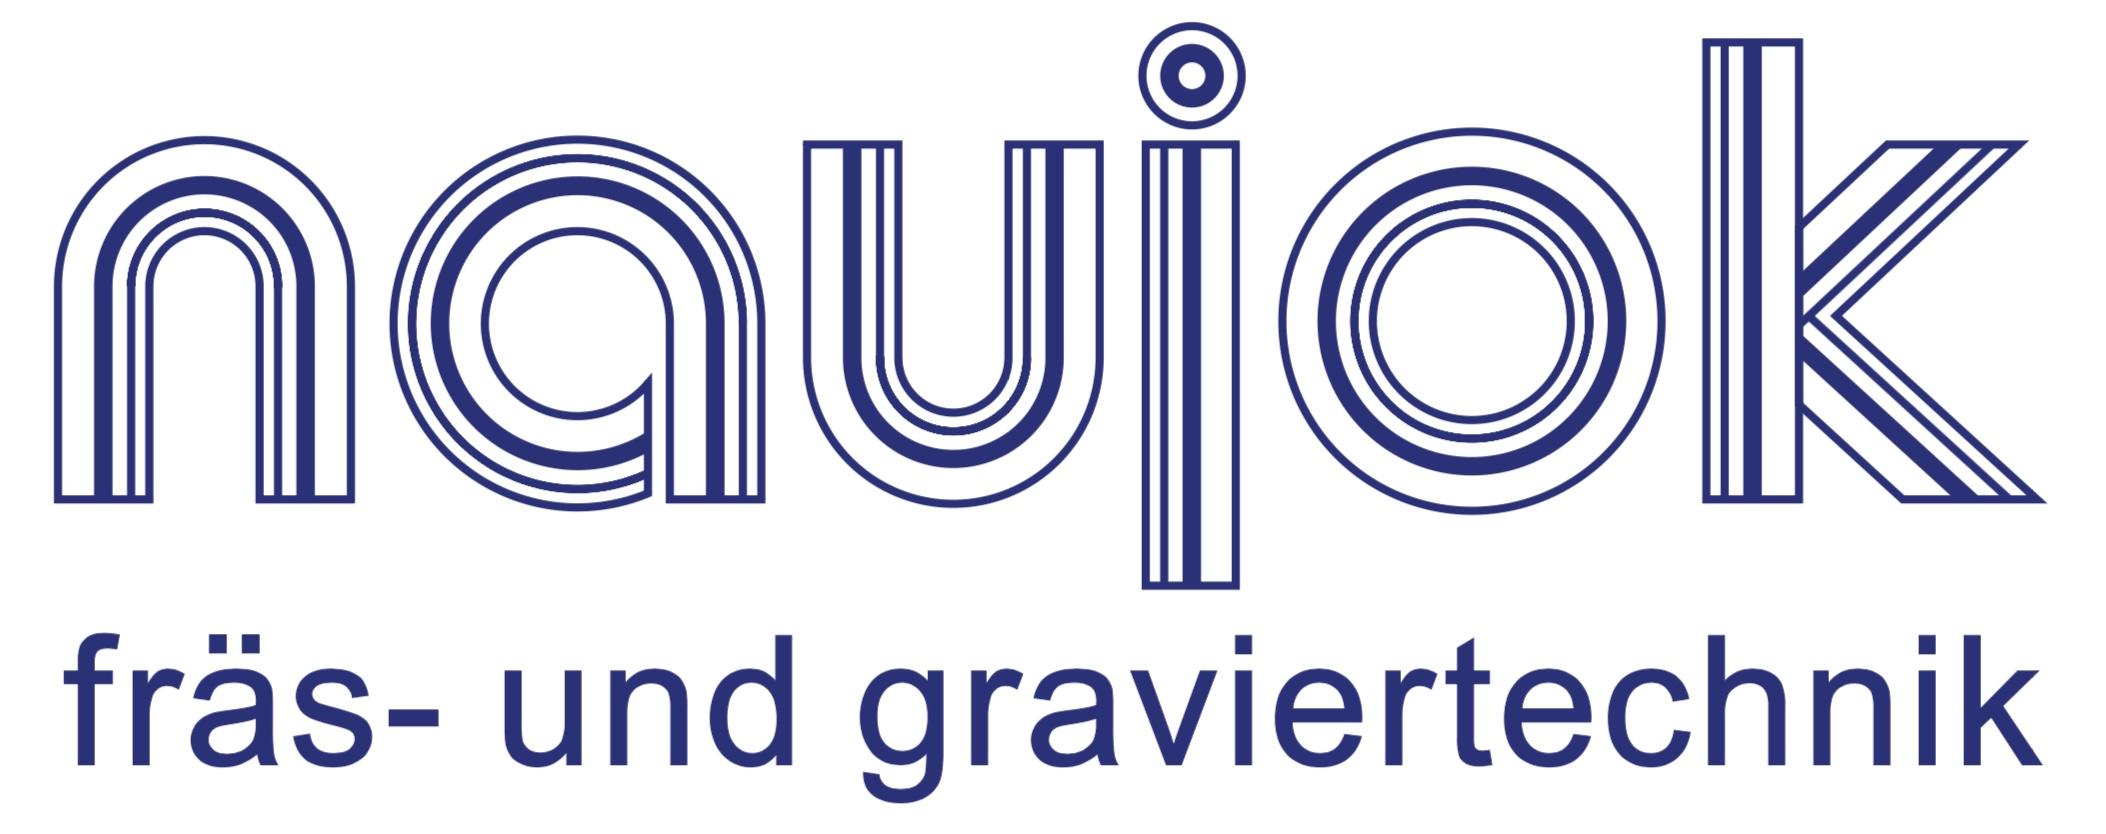 naujok Fräs- und Graviertechnik Augsburg